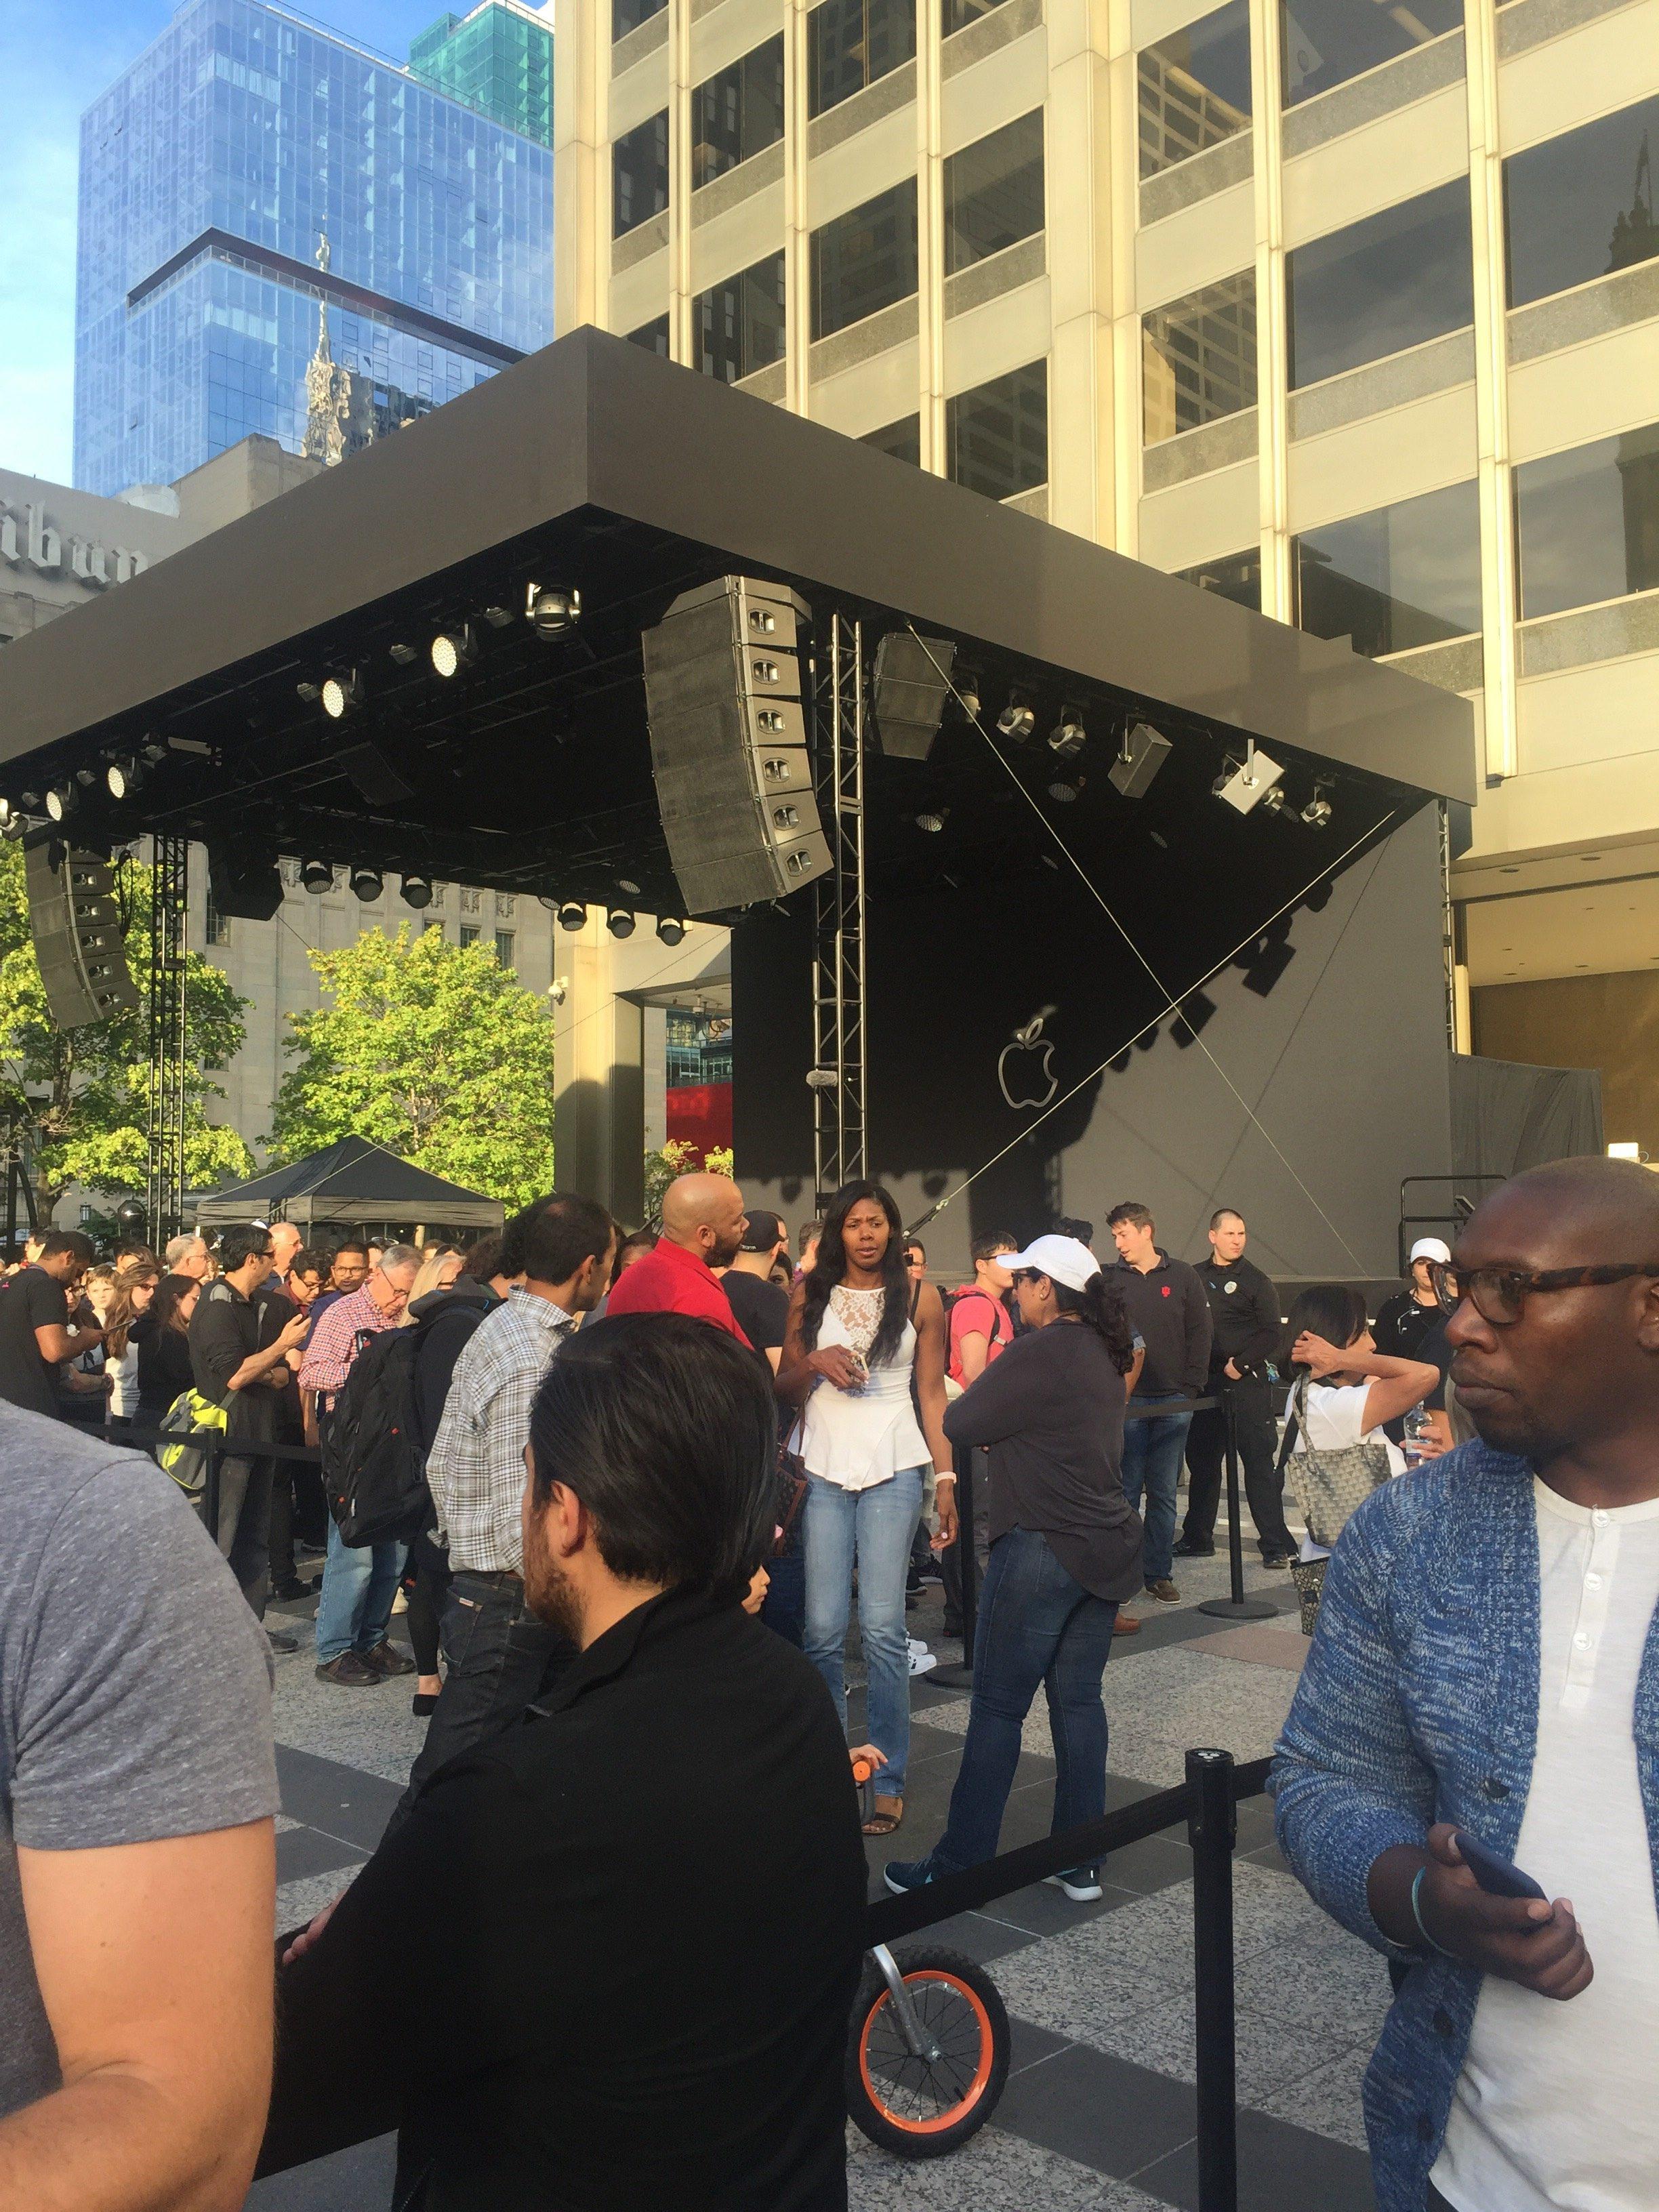 Palco para shows na nova loja da Apple em Chicago